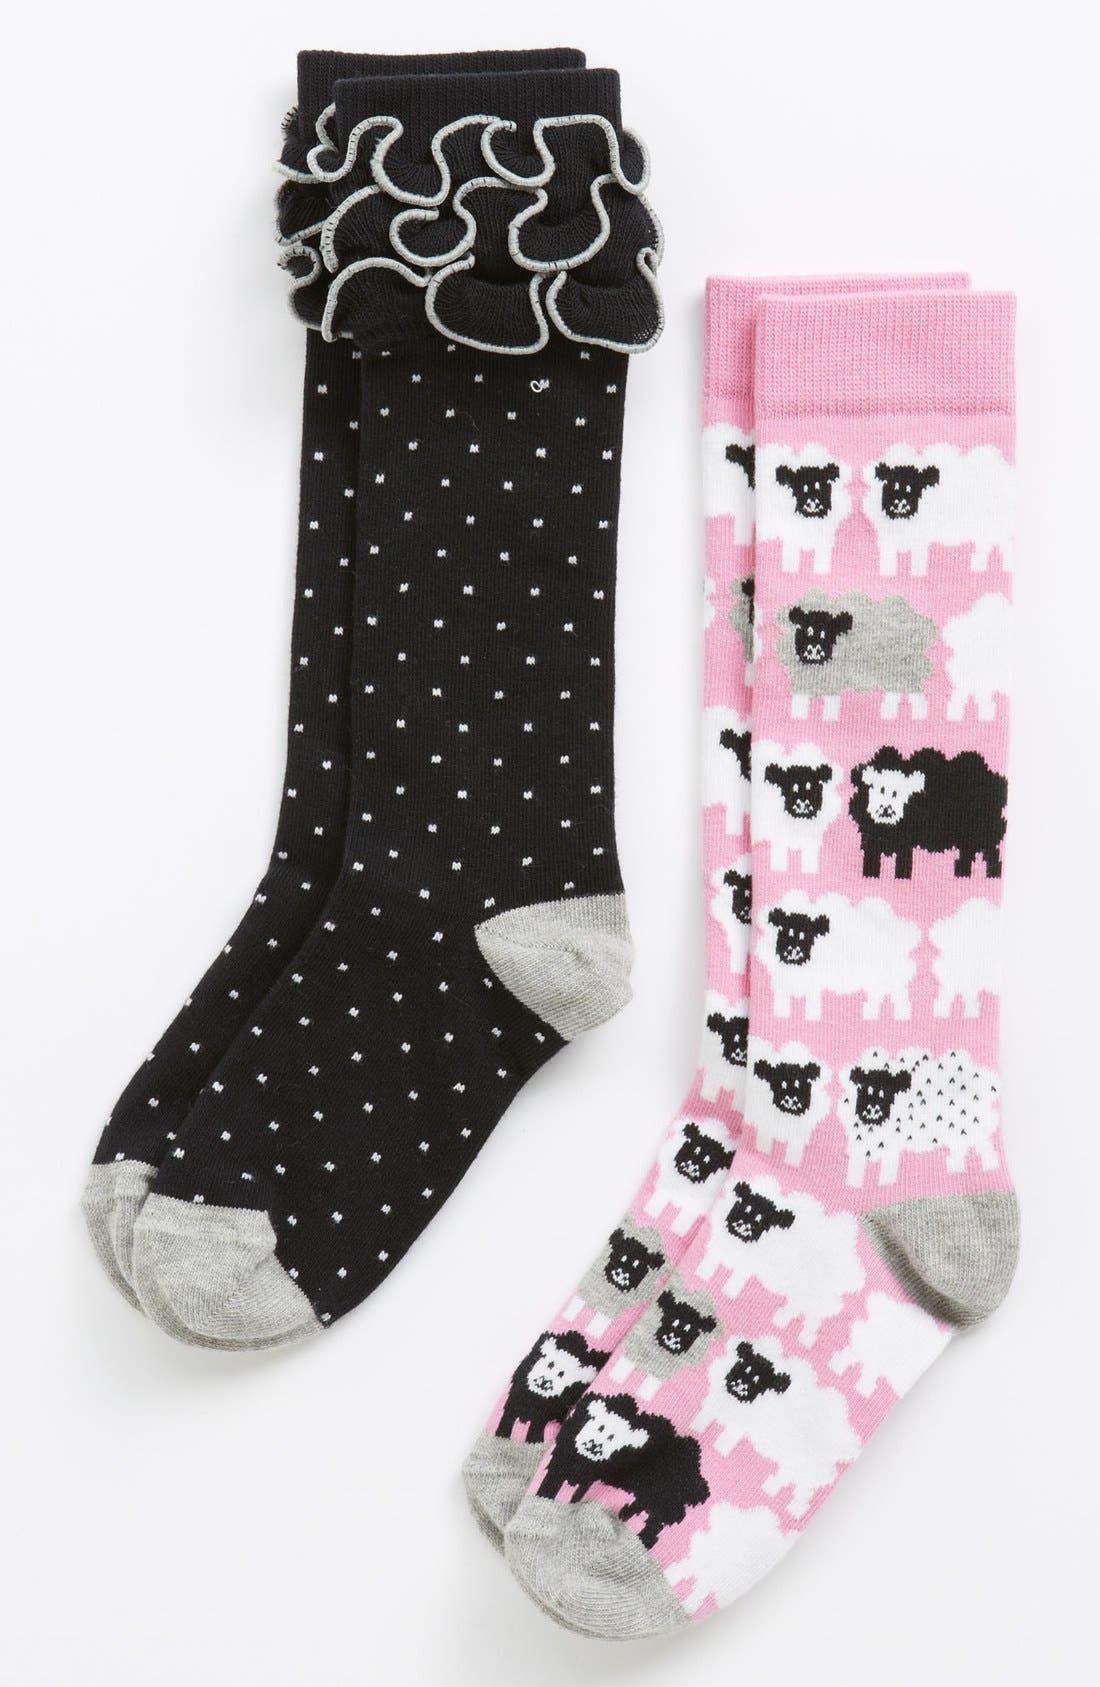 Main Image - Nordstrom 'Little Bo Sheep' Knee High Socks (2-Pack) (Toddler, Little Girls & Big Girls)